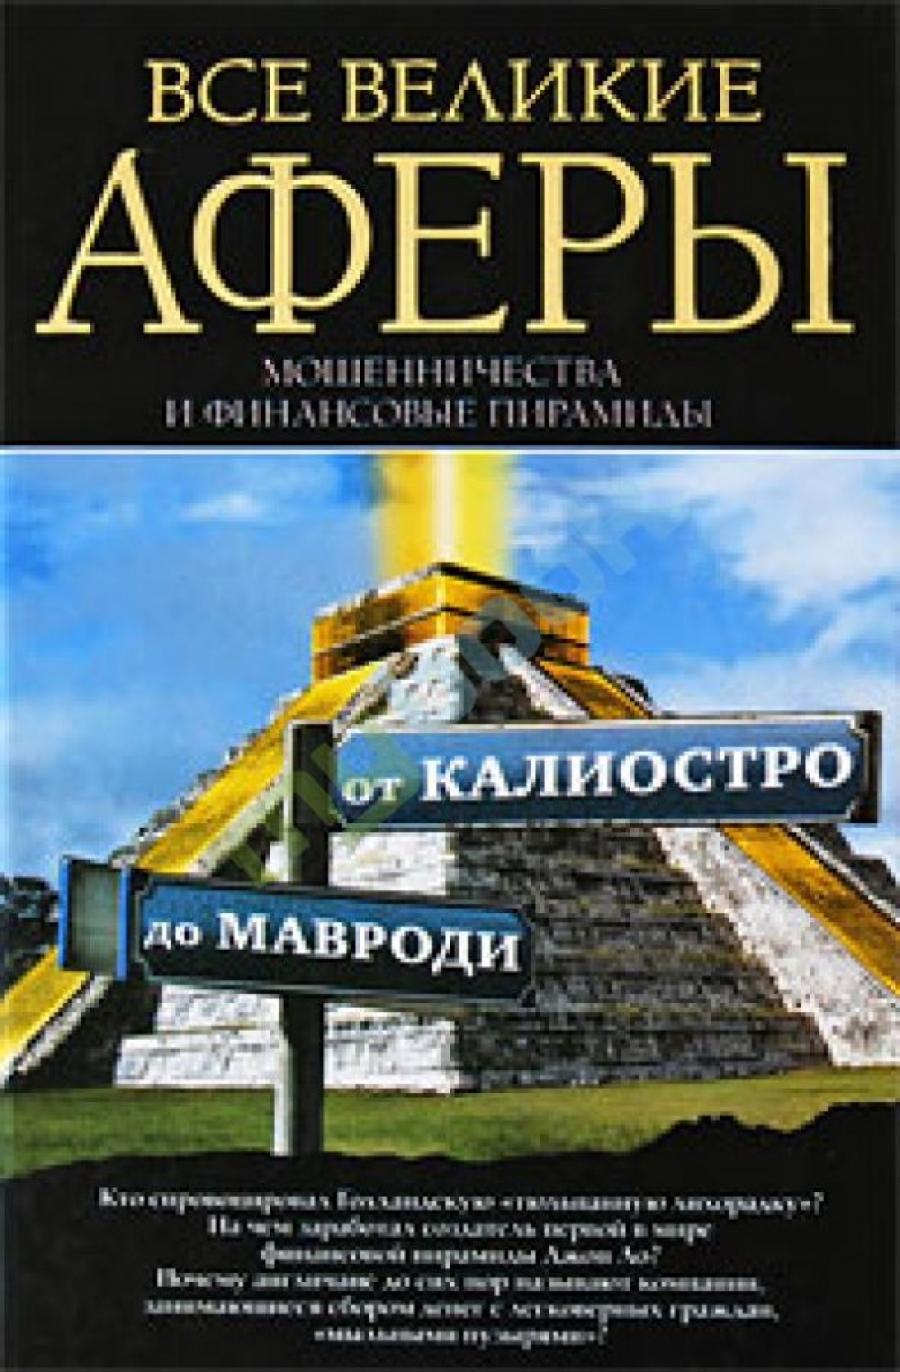 Обложка книги:  кротков а. - все великие аферы, мошенничества и финансовые пирамиды. от калиостро до мавроди